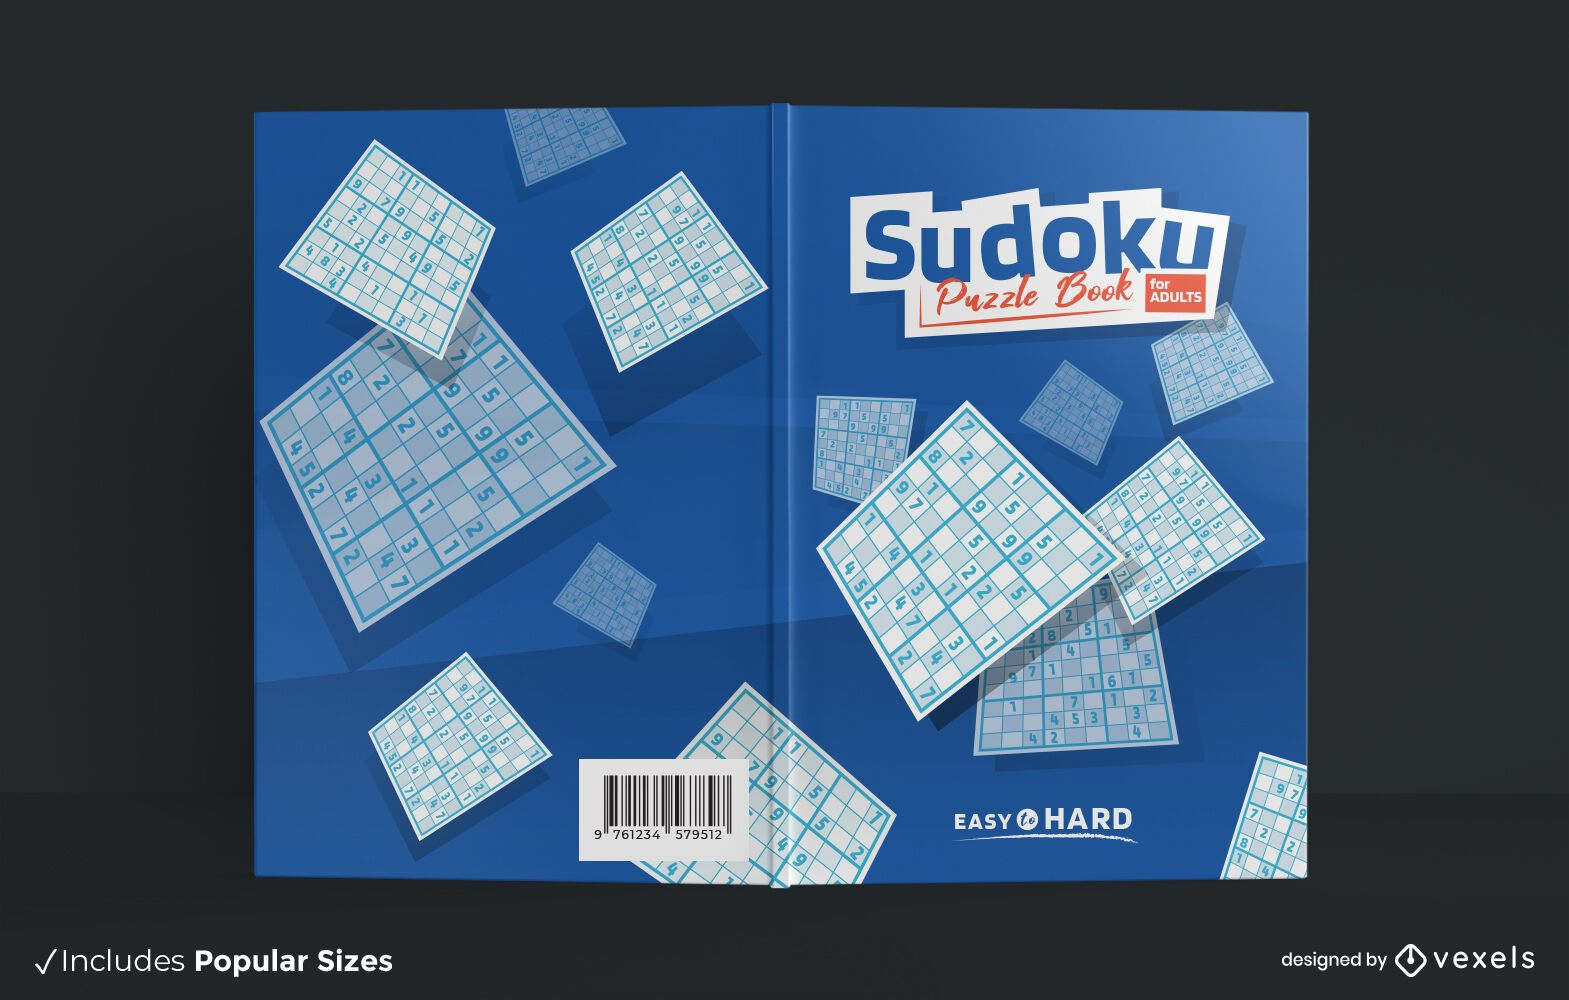 Design de capa de livro adulto quebra-cabeça Sudoku